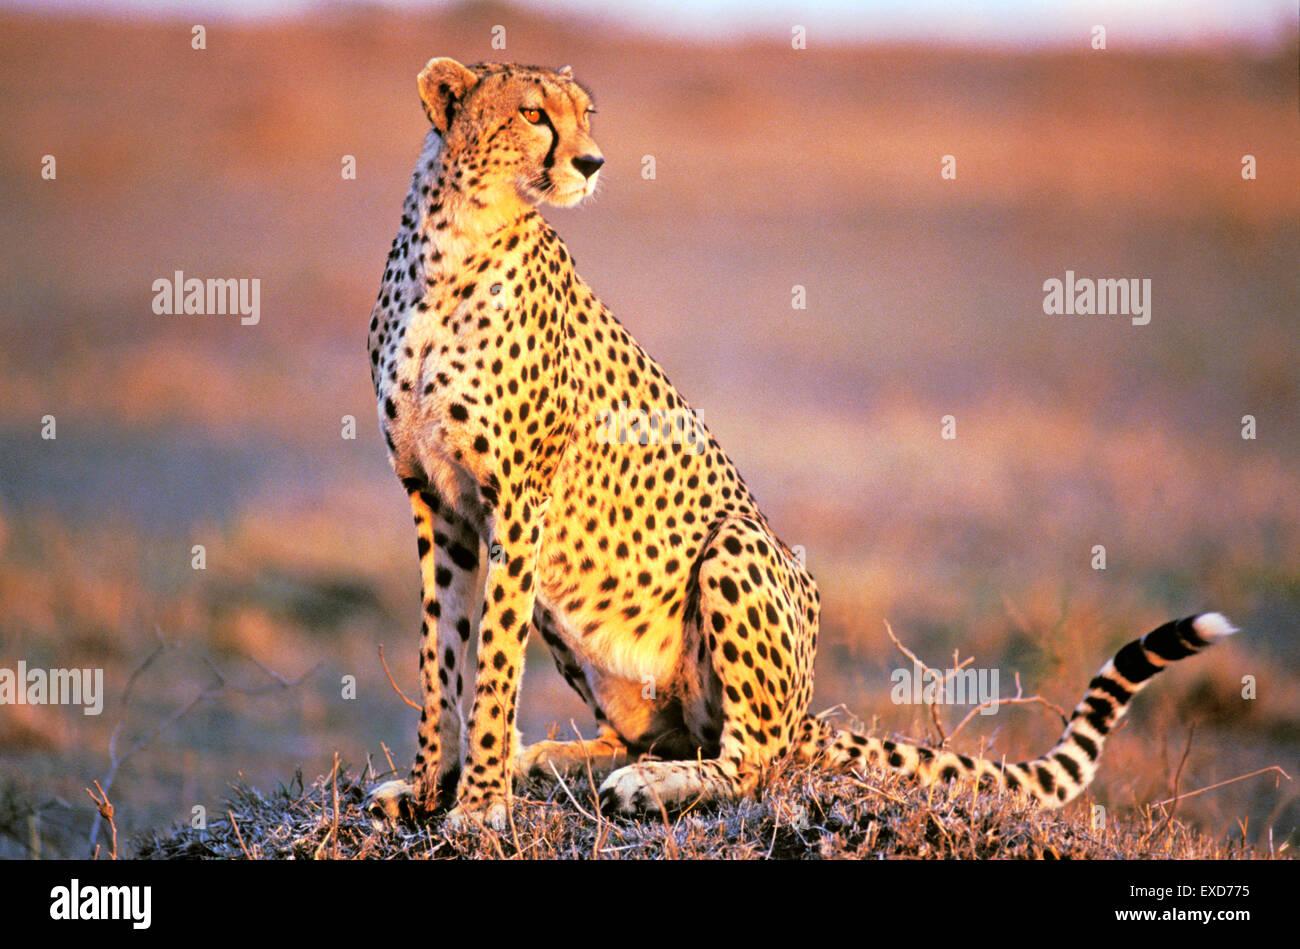 Gepard in der Savanne am späten Nachmittag Sonnenlicht Stockbild